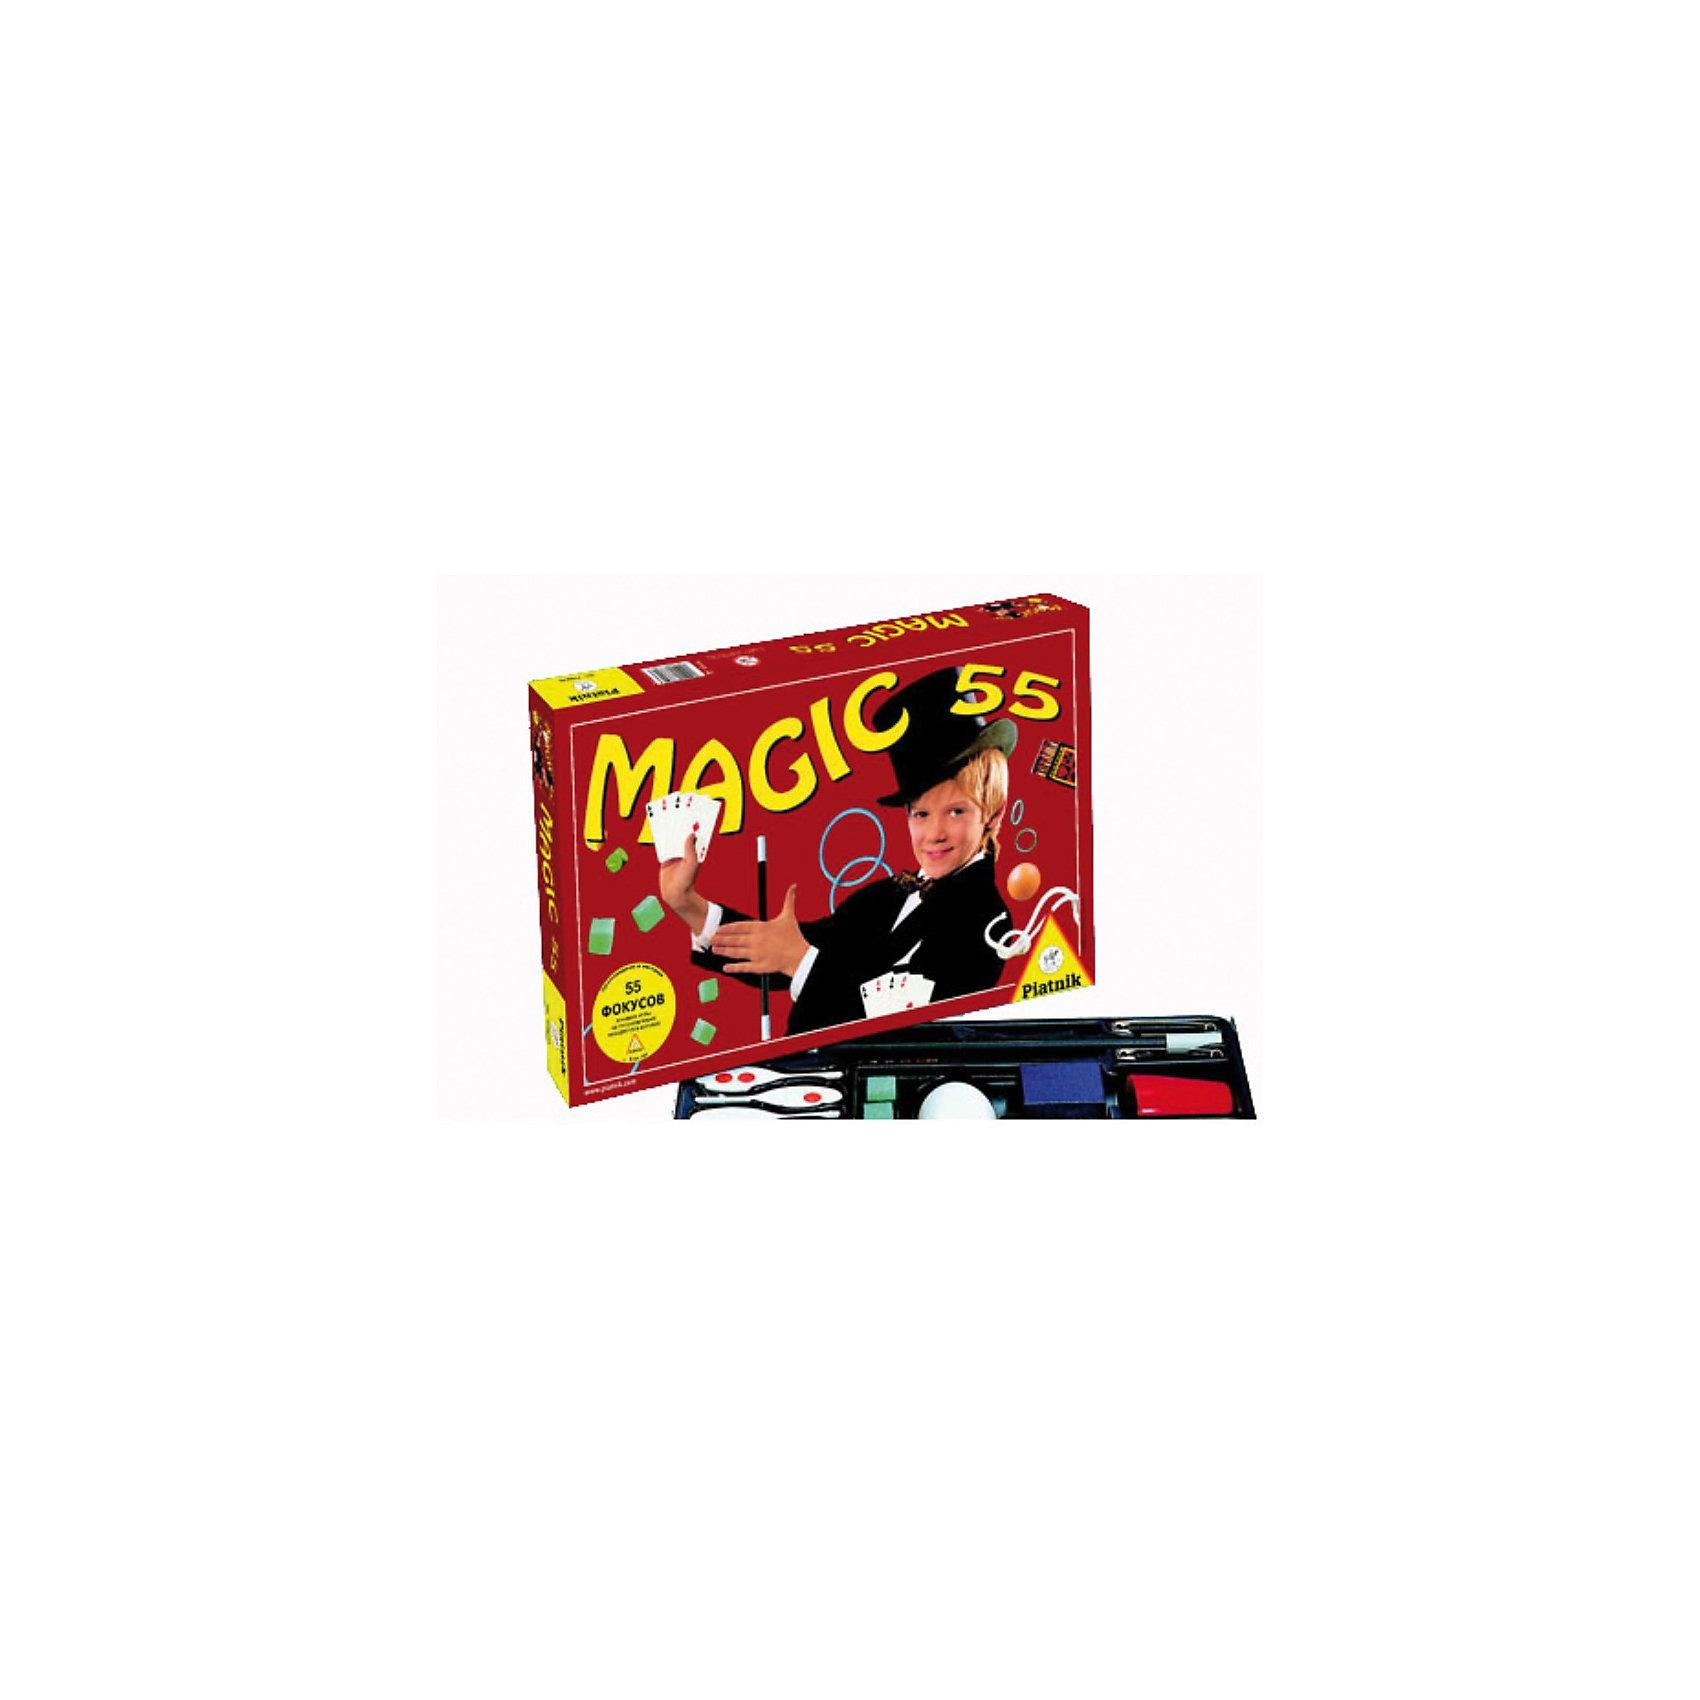 Piatnik 55 фокусовИгры-фокусы<br>Этот магический набор под названием «55 фокусов»  от компании Piatnik посвятит всех желающих в  секреты, известные только профессиональным фокусникам. С его помощью ваш ребенок сможет почувствовать себя настоящим волшебником. <br><br>Набор «55 фокусов» включает в себя все необходимое для того, чтобы воспроизвести 55 различных захватывающих и интересных фокусов. Многие из них на первый взгляд производят впечатление весьма простых, но юный фокусник очень скоро убедится, что за кажущейся простотой скрывается настоящее искусство. Некоторые фокусы известны уже не одну сотню лет, однако это не мешает им выглядеть вполне современно.<br><br>Дополнительная информация:<br><br>- в комплекте:<br><br>карточная колода <br>коробок спичек <br>волшебная палочка <br>маленькое кольцо <br>мягкая белая веревка <br>полое яйцо <br>маленькие поролоновые губки - 4 шт. <br>большое пластмассовое кольцо - 4 шт. <br>наперсток <br>пластмассовый шарик <br>полый пластиковый цилиндр - 2 шт. <br>игральный кубик - 3 шт. <br><br>В наборе настольной игры даны описания 55 различным фокусам:<br><br>блуждающие спички;<br>превращение веревки;<br>сигареты из ниоткуда;<br>волшебное яйцо и другие.<br><br>Piatnik 55 фокусов можно купить в нашем магазине.<br><br>Ширина мм: 350<br>Глубина мм: 220<br>Высота мм: 40<br>Вес г: 450<br>Возраст от месяцев: 72<br>Возраст до месяцев: 1188<br>Пол: Унисекс<br>Возраст: Детский<br>SKU: 2237185